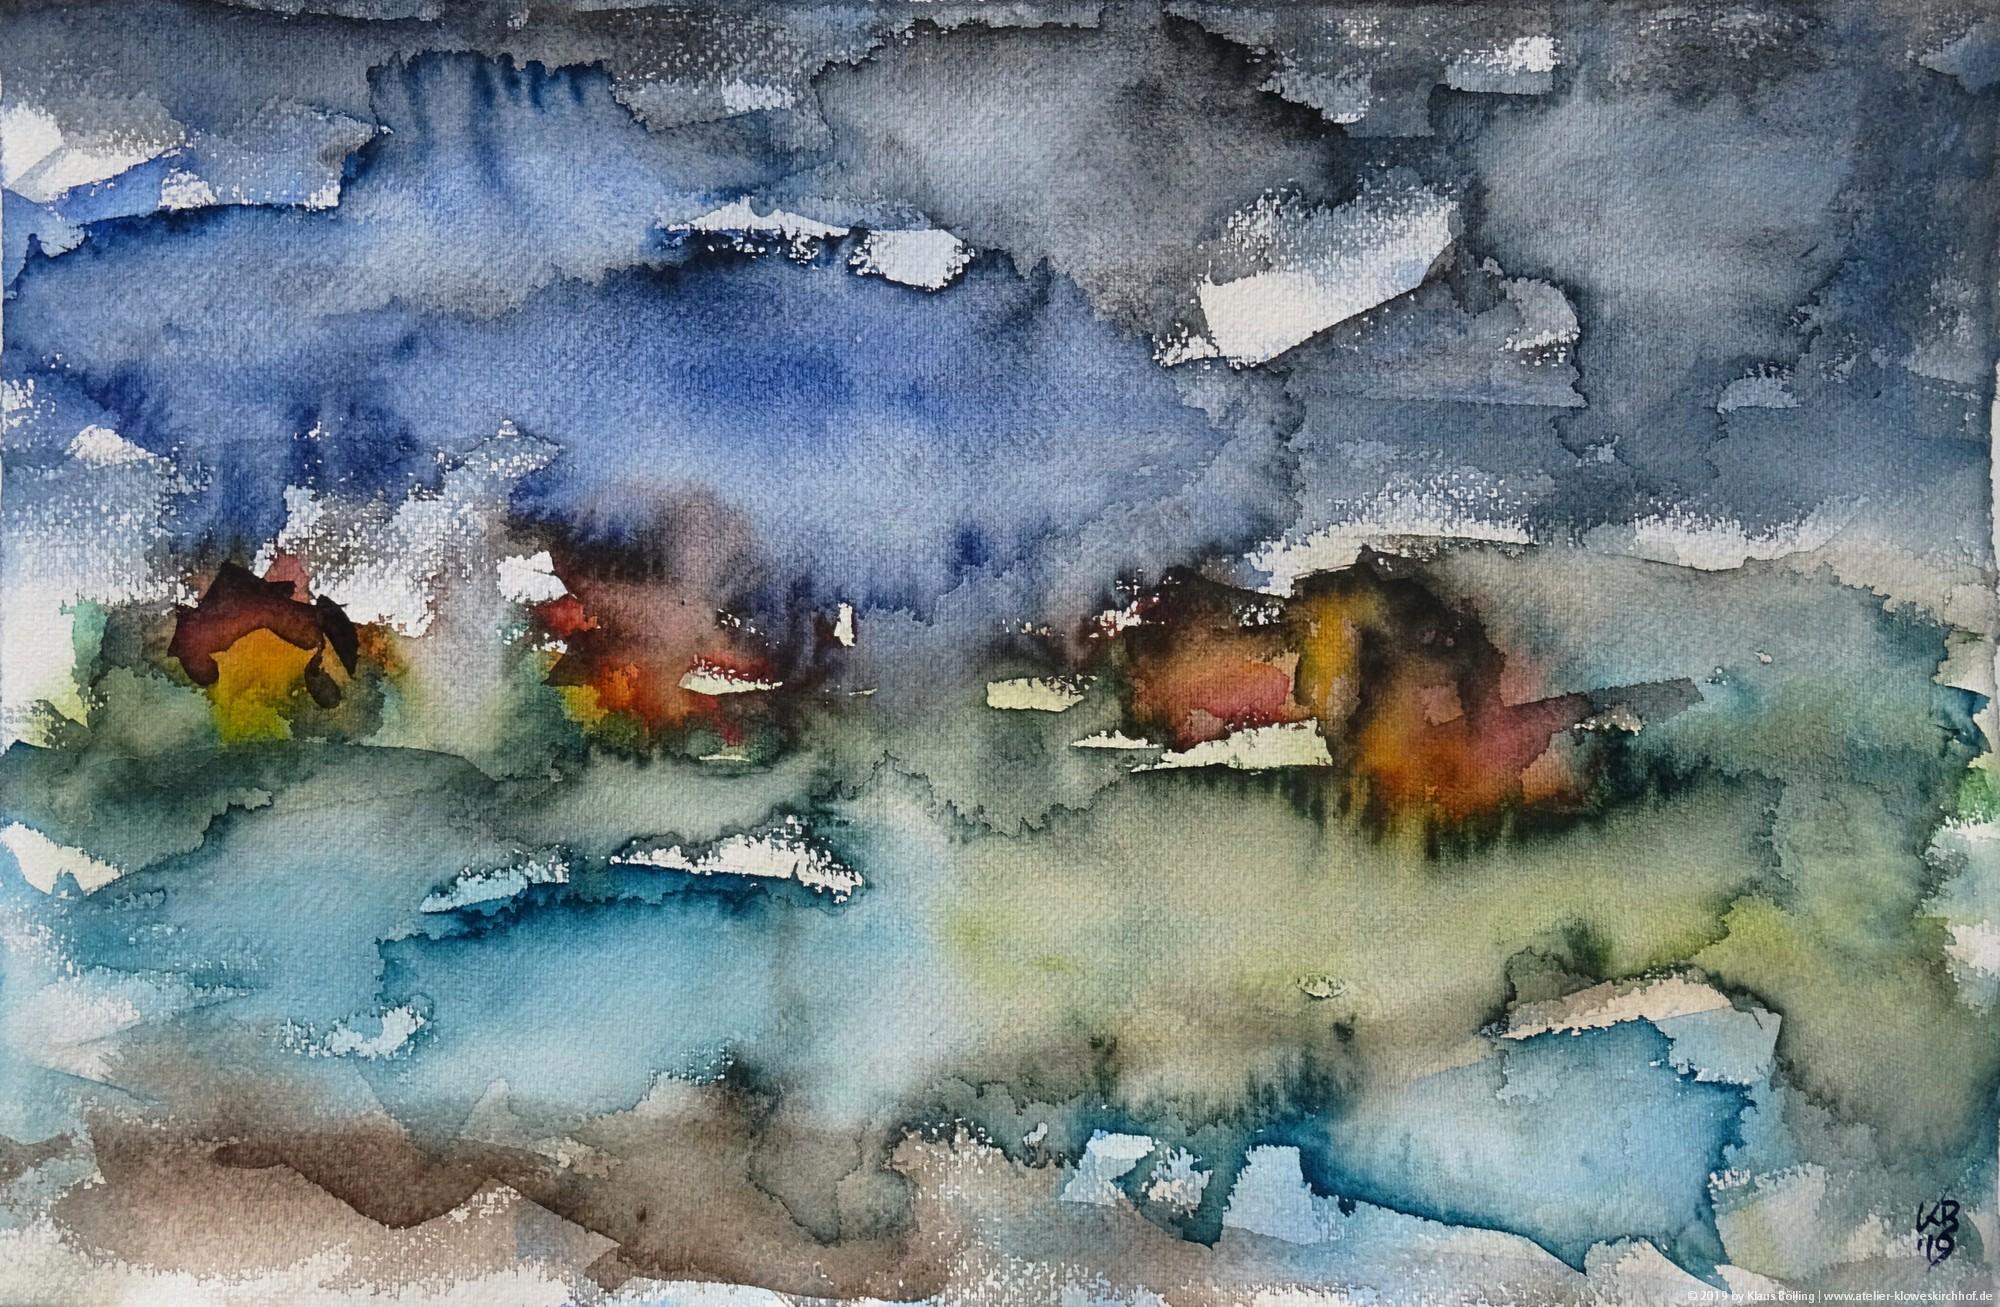 Port nan Long, North Uist, Watercolour 50 x 32,5 cm, © 2019 by Klaus Bölling